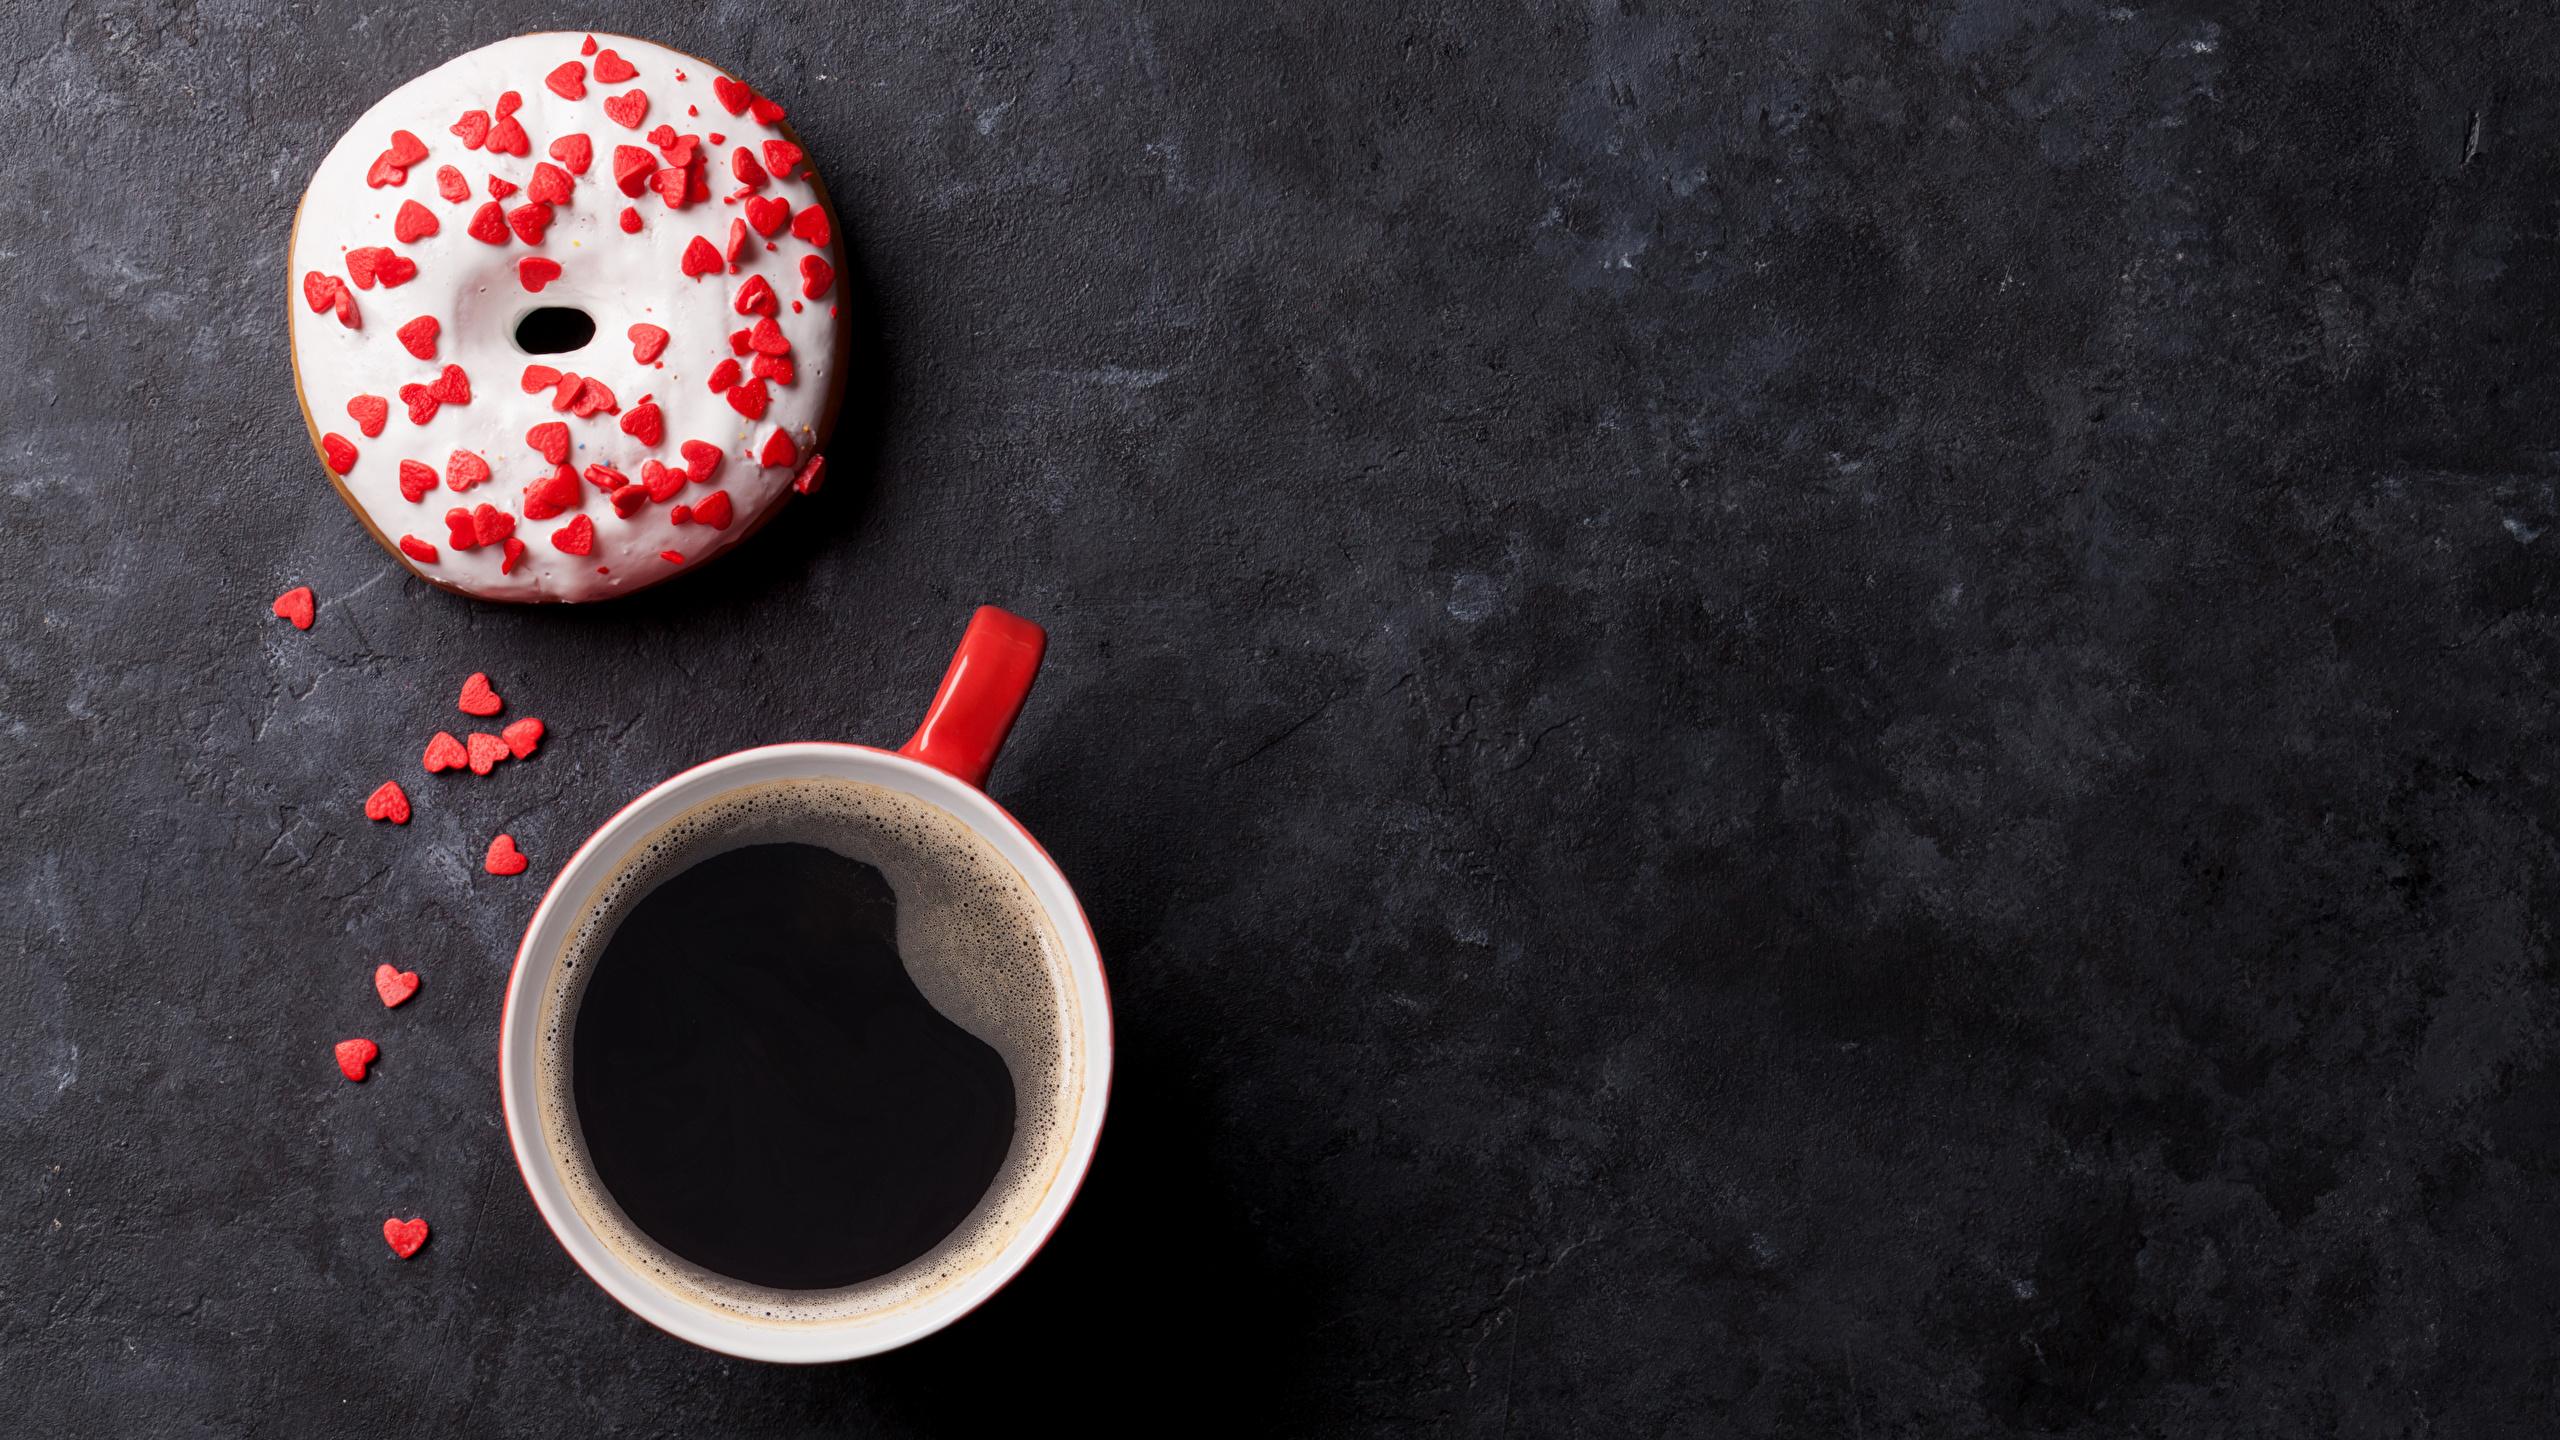 Обои для рабочего стола сердца Кофе Пончики Еда Чашка сладкая еда 2560x1440 серце Сердце сердечко Пища чашке Продукты питания Сладости